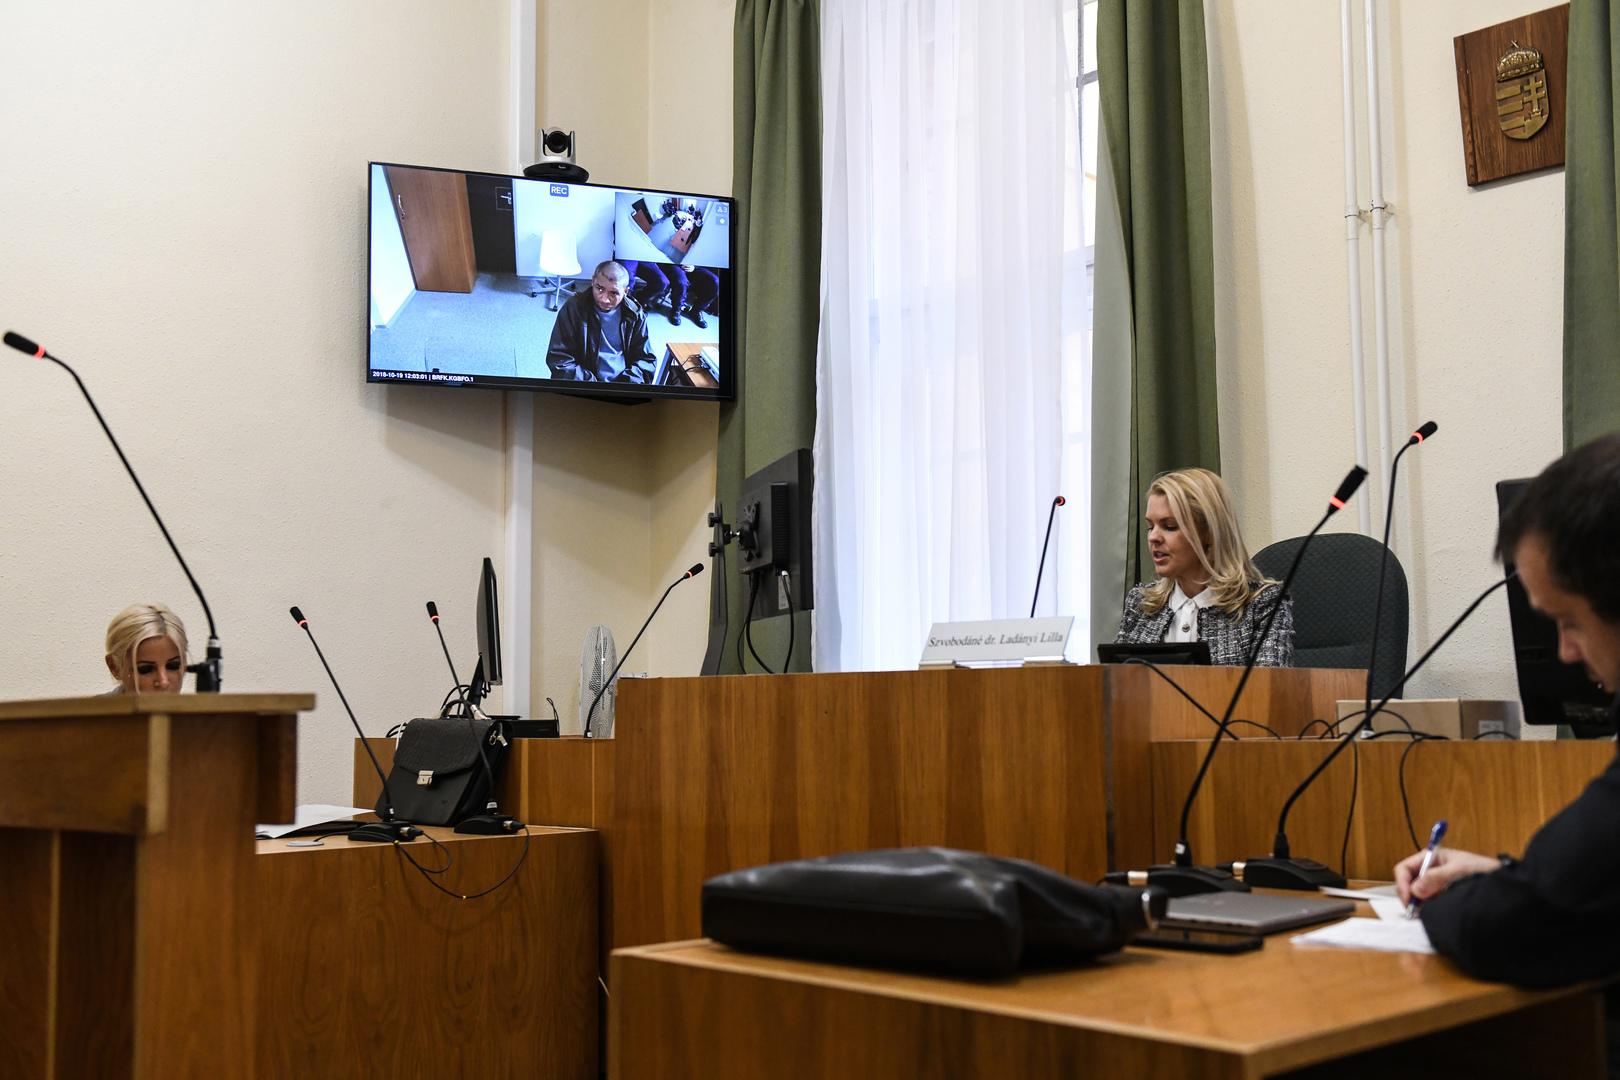 """Társadalomábrázolás, dokumentarista fotográfia (egyedi)<br />2. díj: Reviczky Zsolt (HVG): No go zóna<br /><br />Fotó: 2018 október 15-én egy új törvény lépett életbe, amely sokkal súlyosabban bünteti a hajléktalanokat mint a korábbi rendelkezés. Manapság a hajléktalan embereket akár börtönbe is zárhatják ha nincs hol lakniuk. Az egyik legelső ilyen tárgyaláson a vádlottat be sem engedték a tárgyalóterembe. Ugyanazon épületben, de egy másik szobában tartózkodott, és zártláncú videórendszer segítségével """"vett részt"""" a tárgyaláson. A bírónak vagy az ügyésznek még csak közvetlenül a szemébe sem kellett néznie a hajléktalan embernek."""